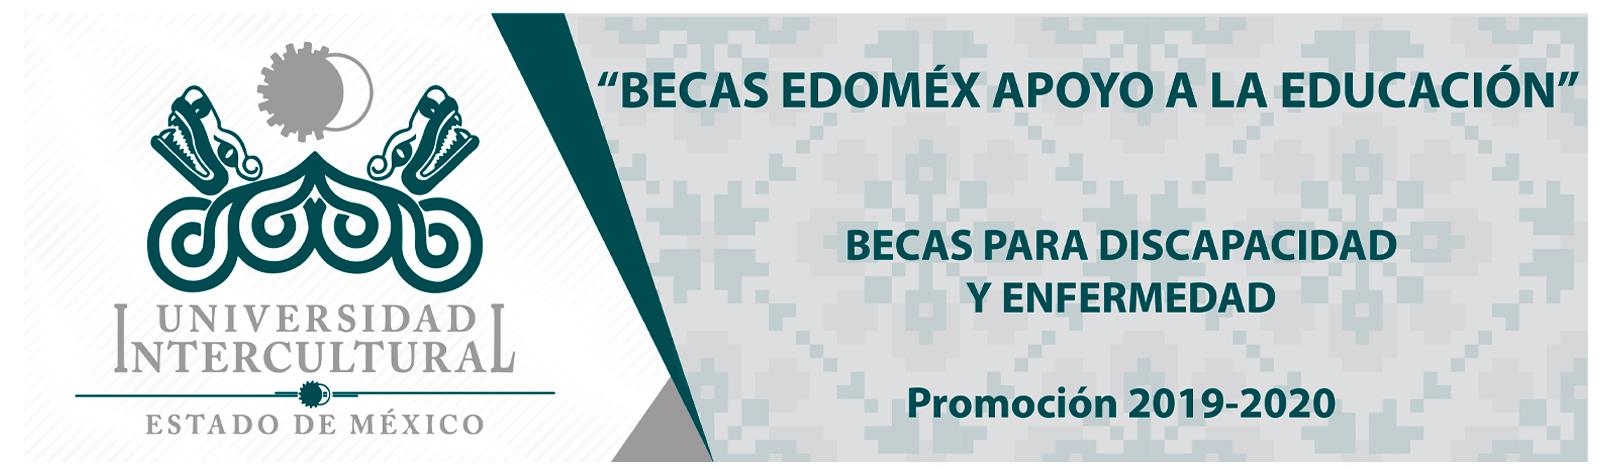 beca2019